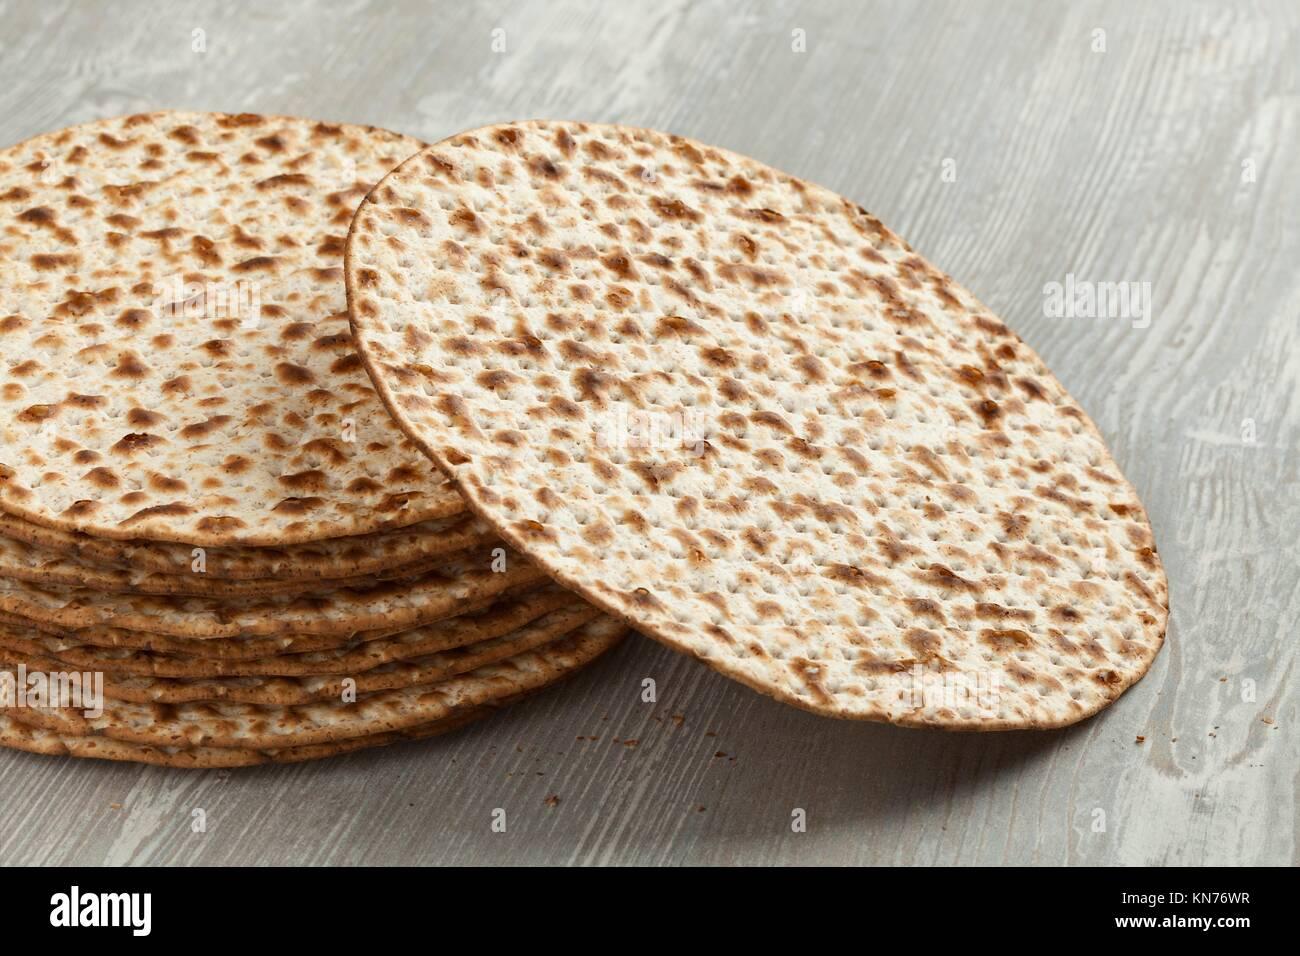 Pile of fresh wholewheat matzah close up. - Stock Image